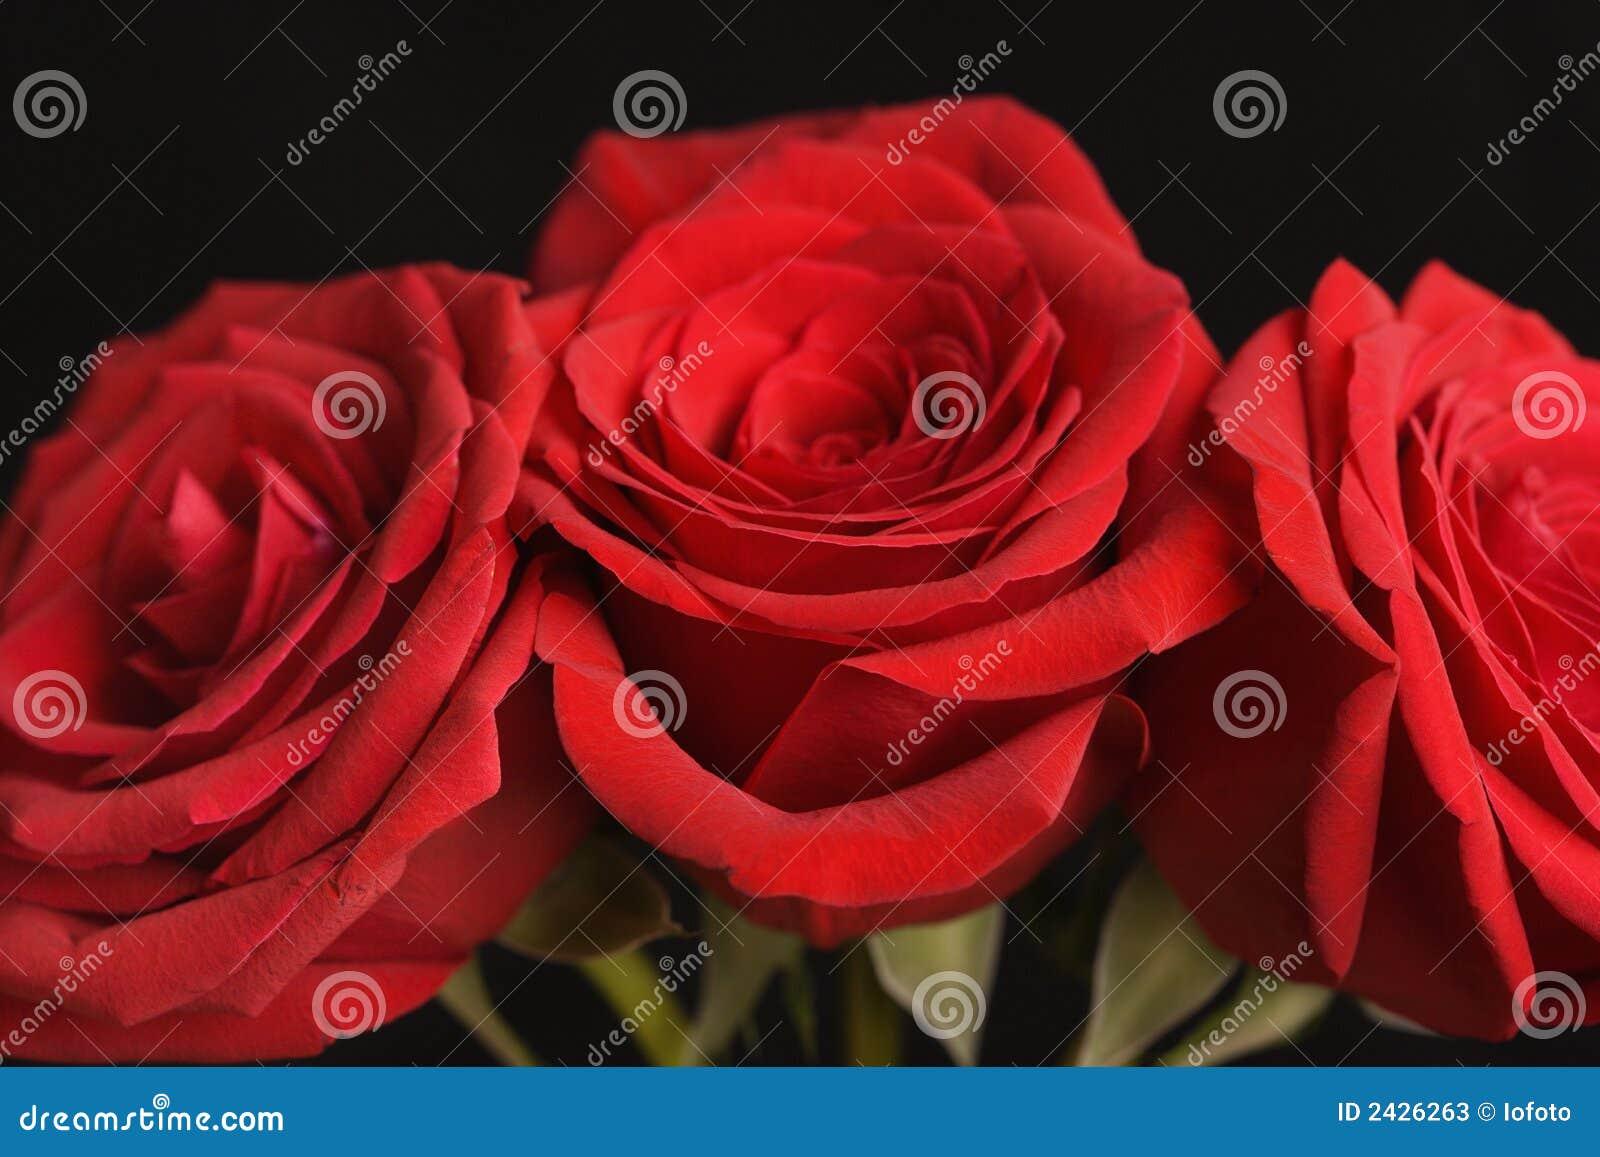 Rosas rojas en negro.